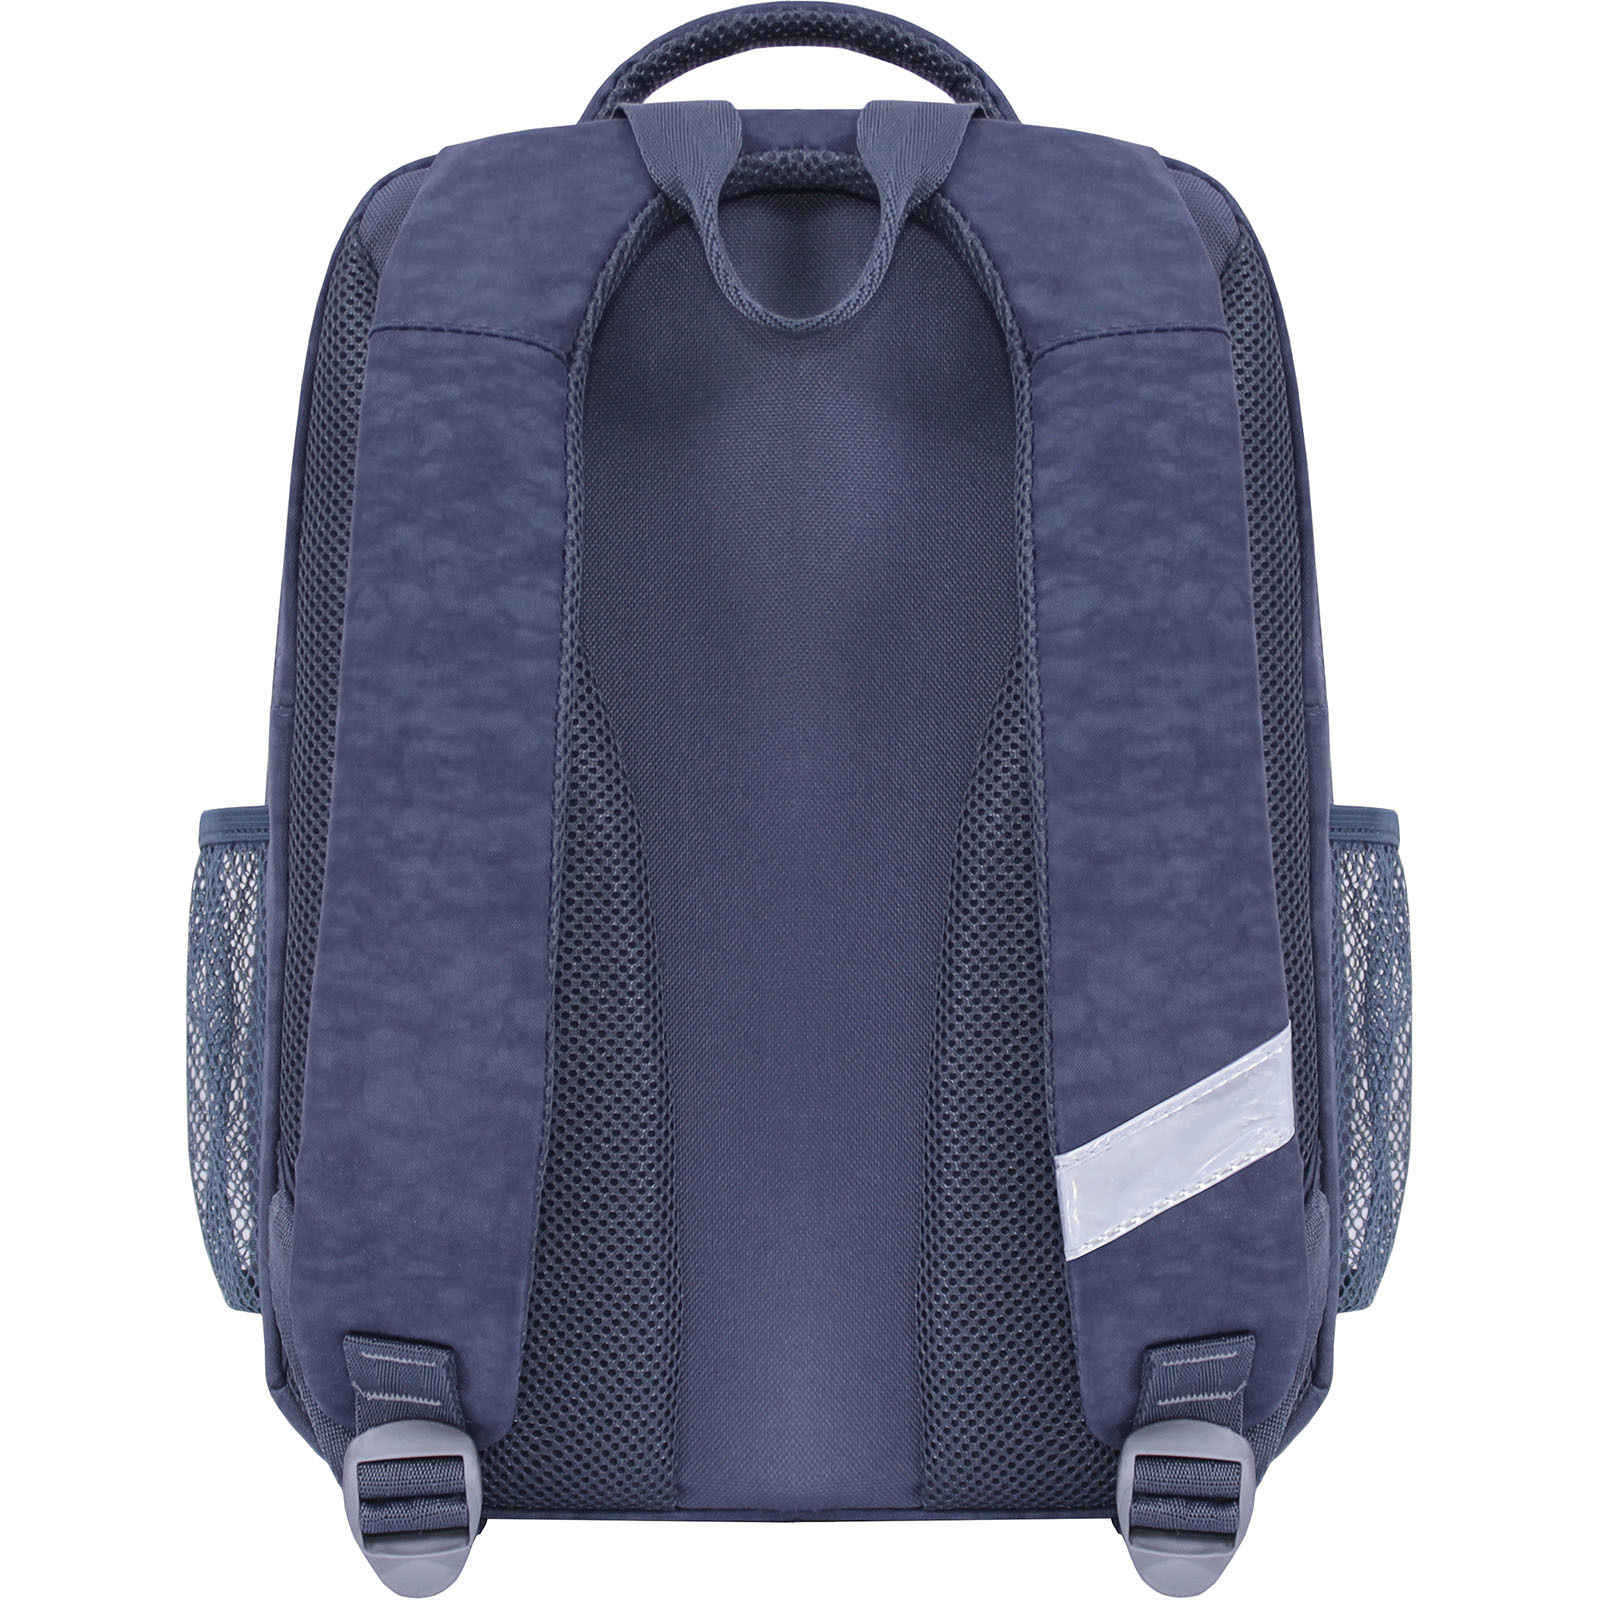 Рюкзак школьный Bagland Школьник 8 л. 321 серый 611 (0012870) фото 3